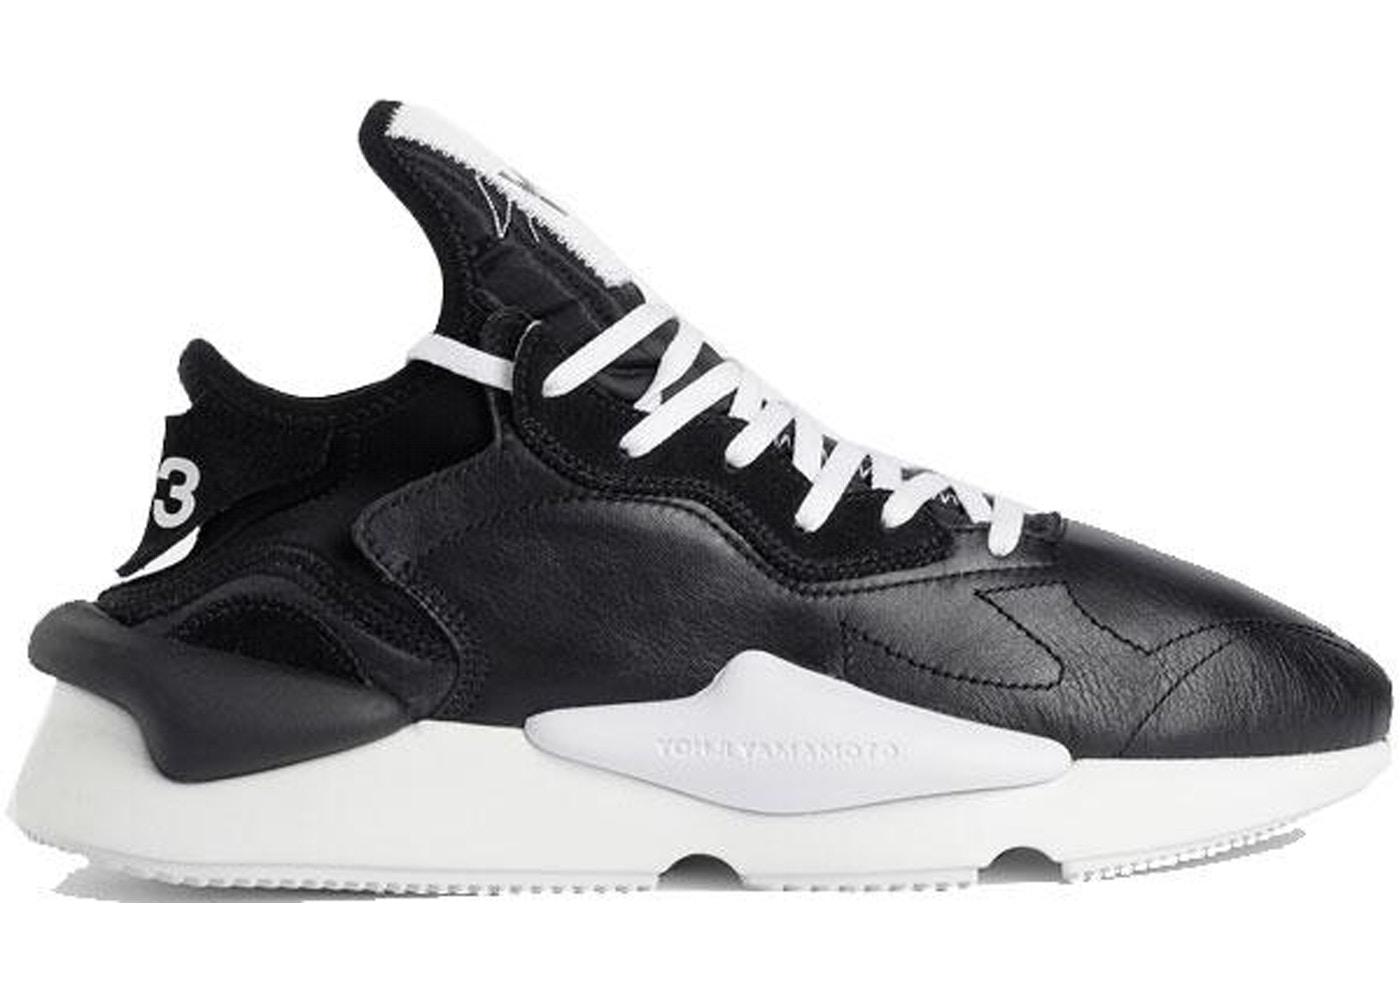 6a746f1cee1a0 adidas Y-3 Kaiwa Black White Black Heel - F97415